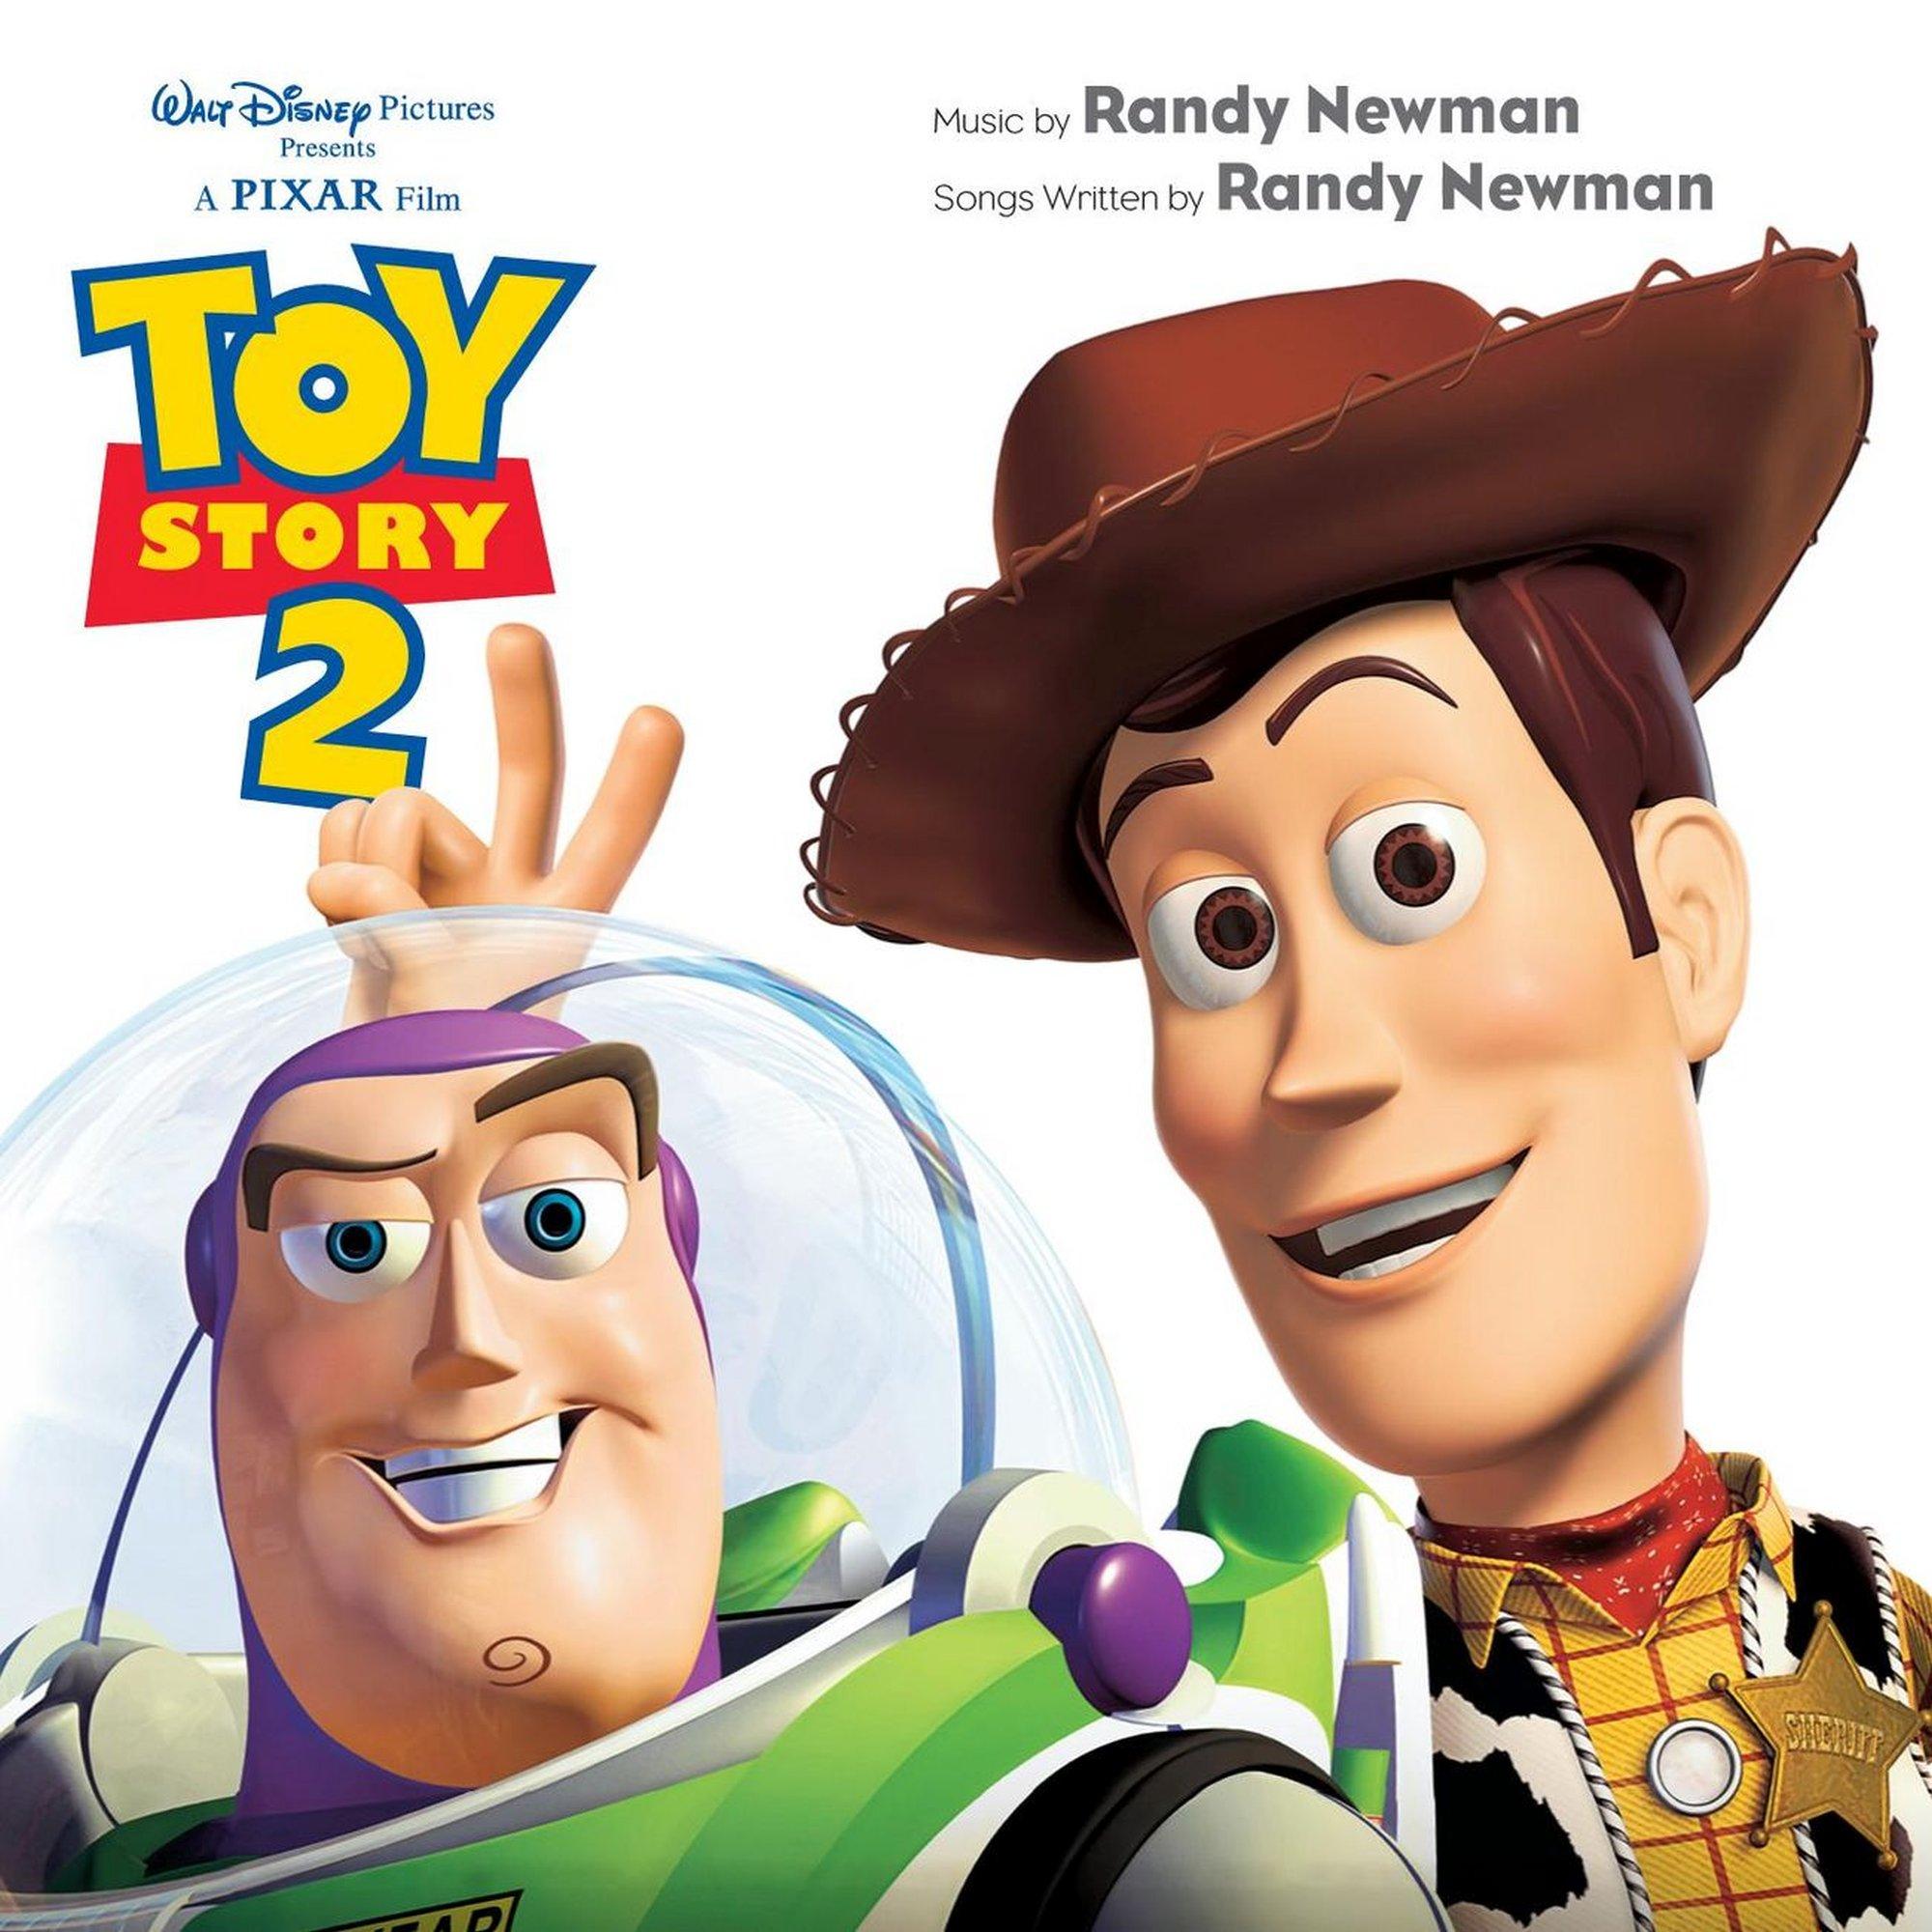 File:Toy Story 2 Soundtrack.jpg